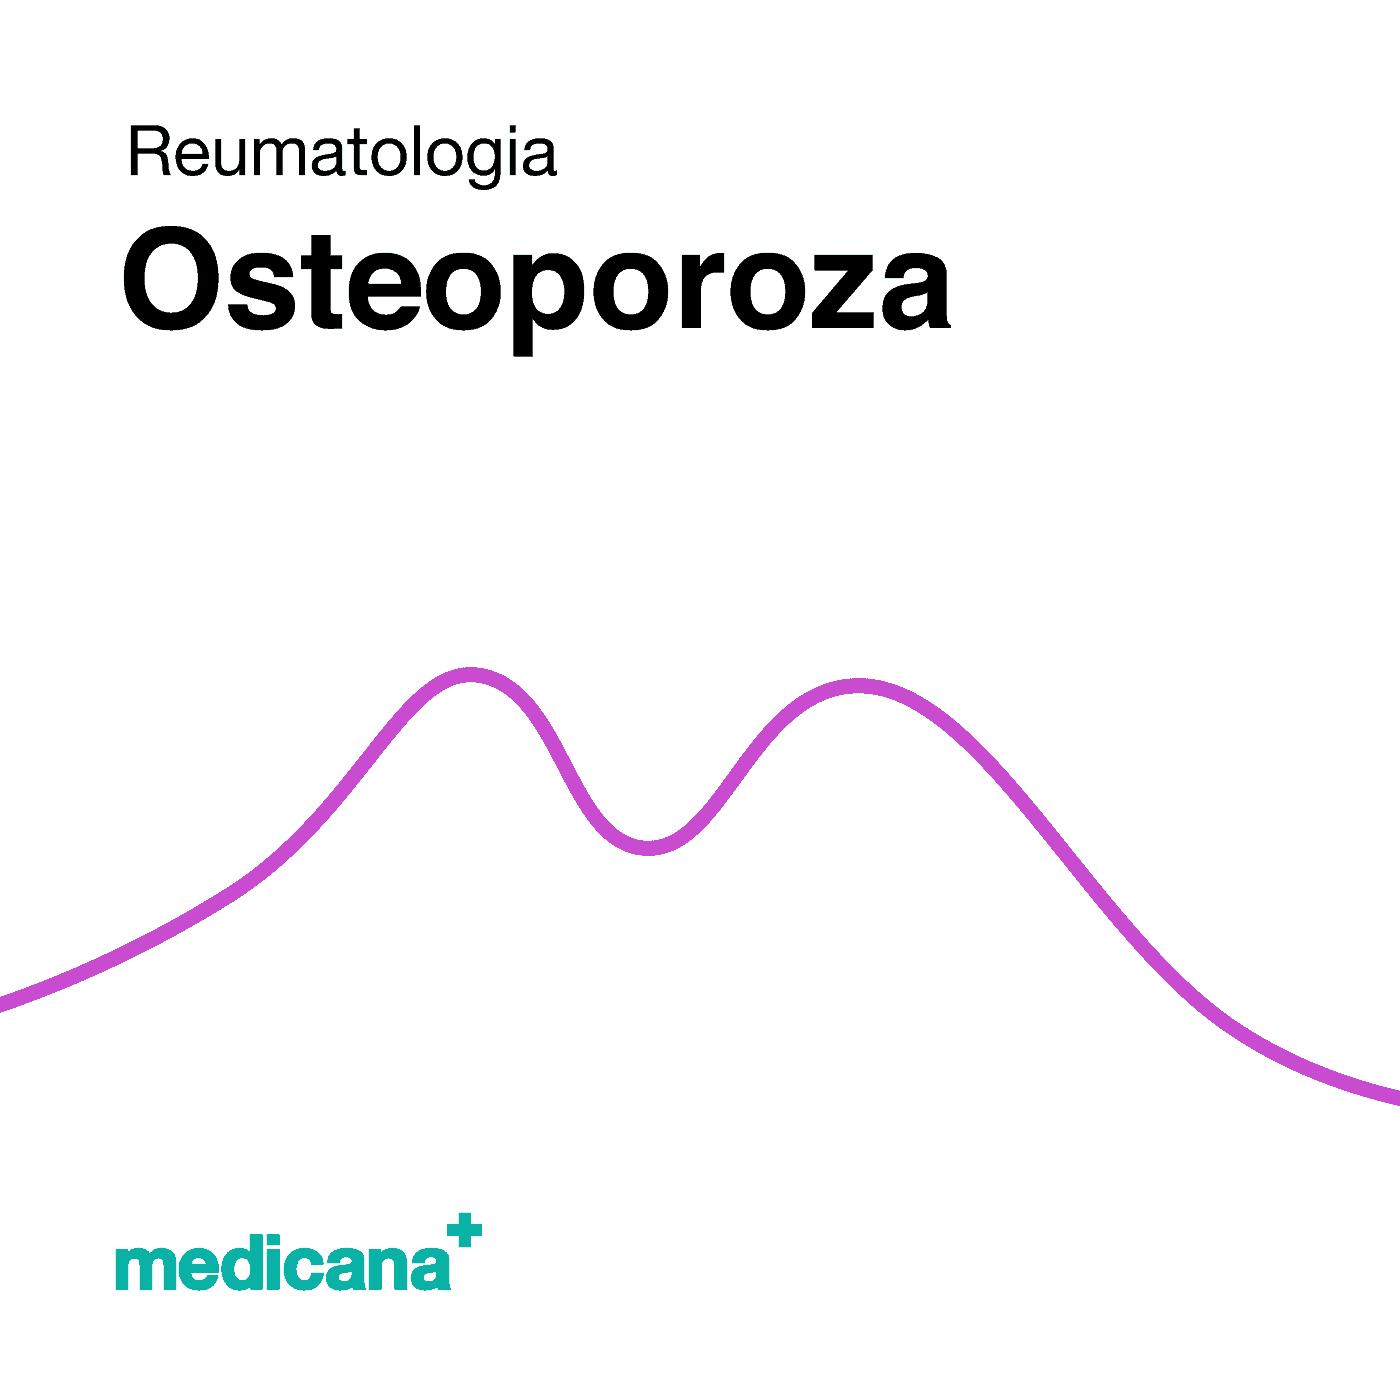 Grafika, białe tło fioletową kreską, czarnym napisem Reumatologia - Osteoporoza oraz zielonym logo Medicana w lewym dolnym rogu.